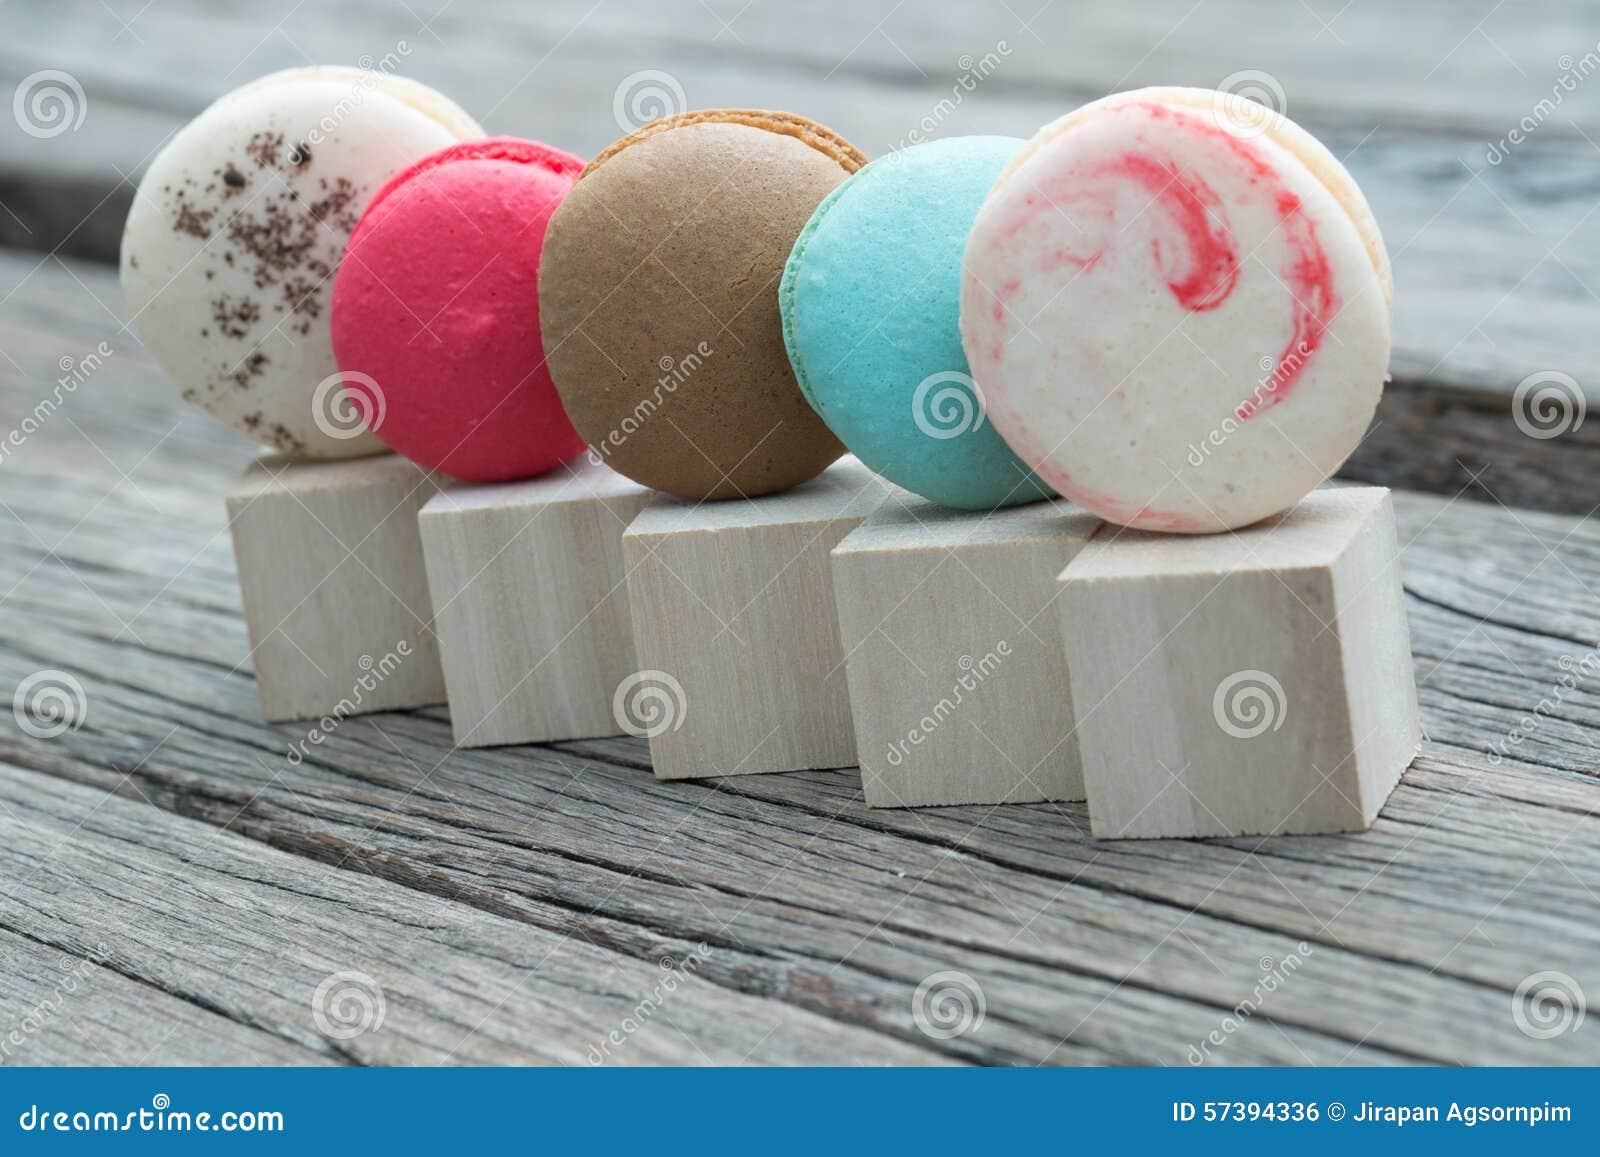 Rij van kleurrijke makarons op houten blok